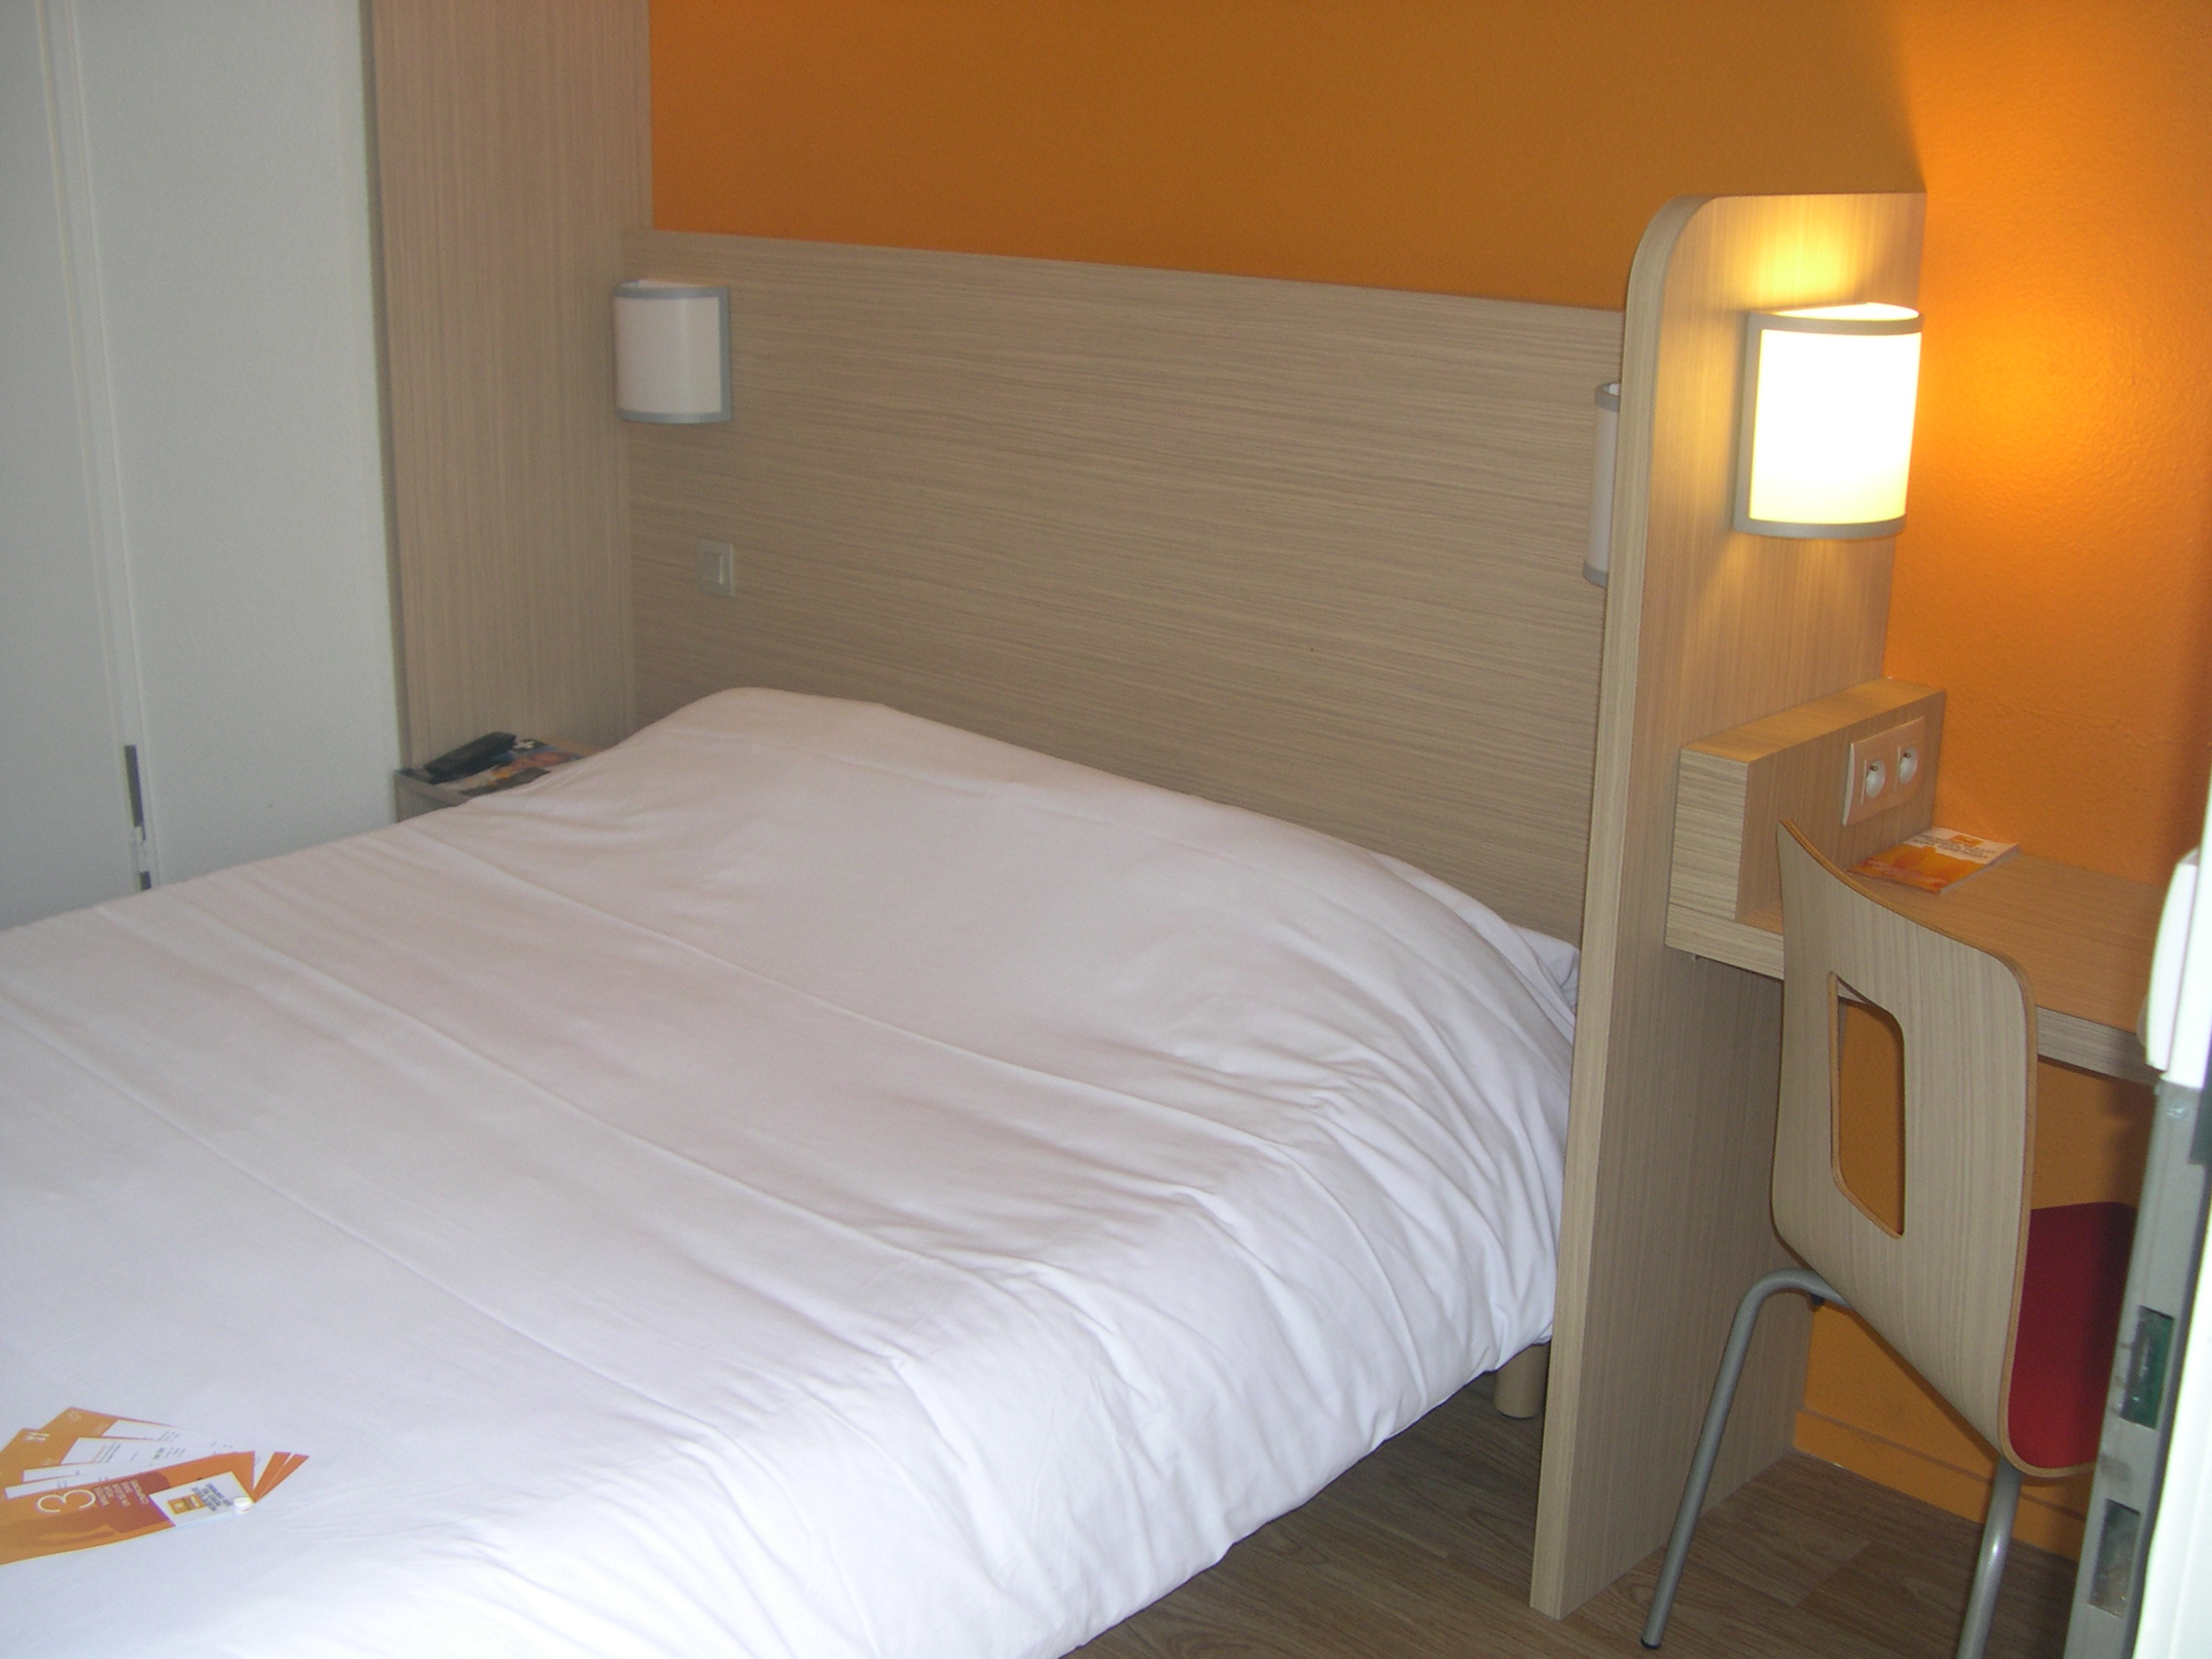 h tels 27. Black Bedroom Furniture Sets. Home Design Ideas